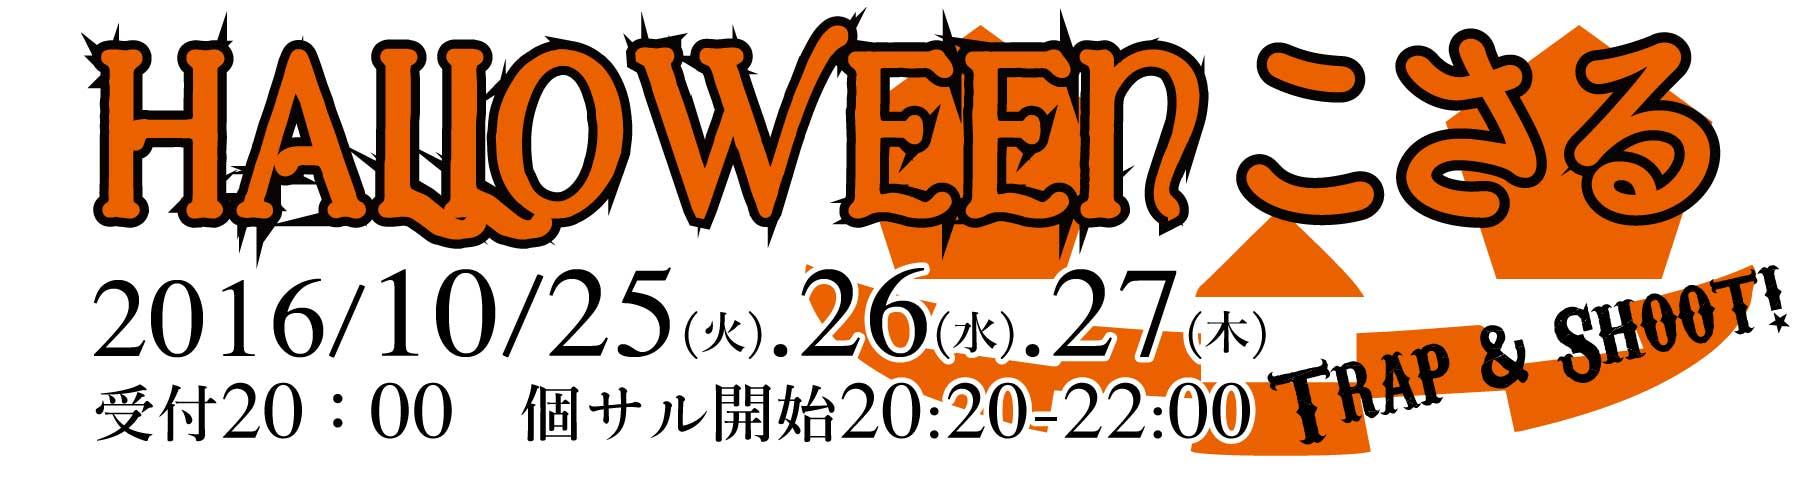 【イベント】Halloween こさる開催のお知らせ